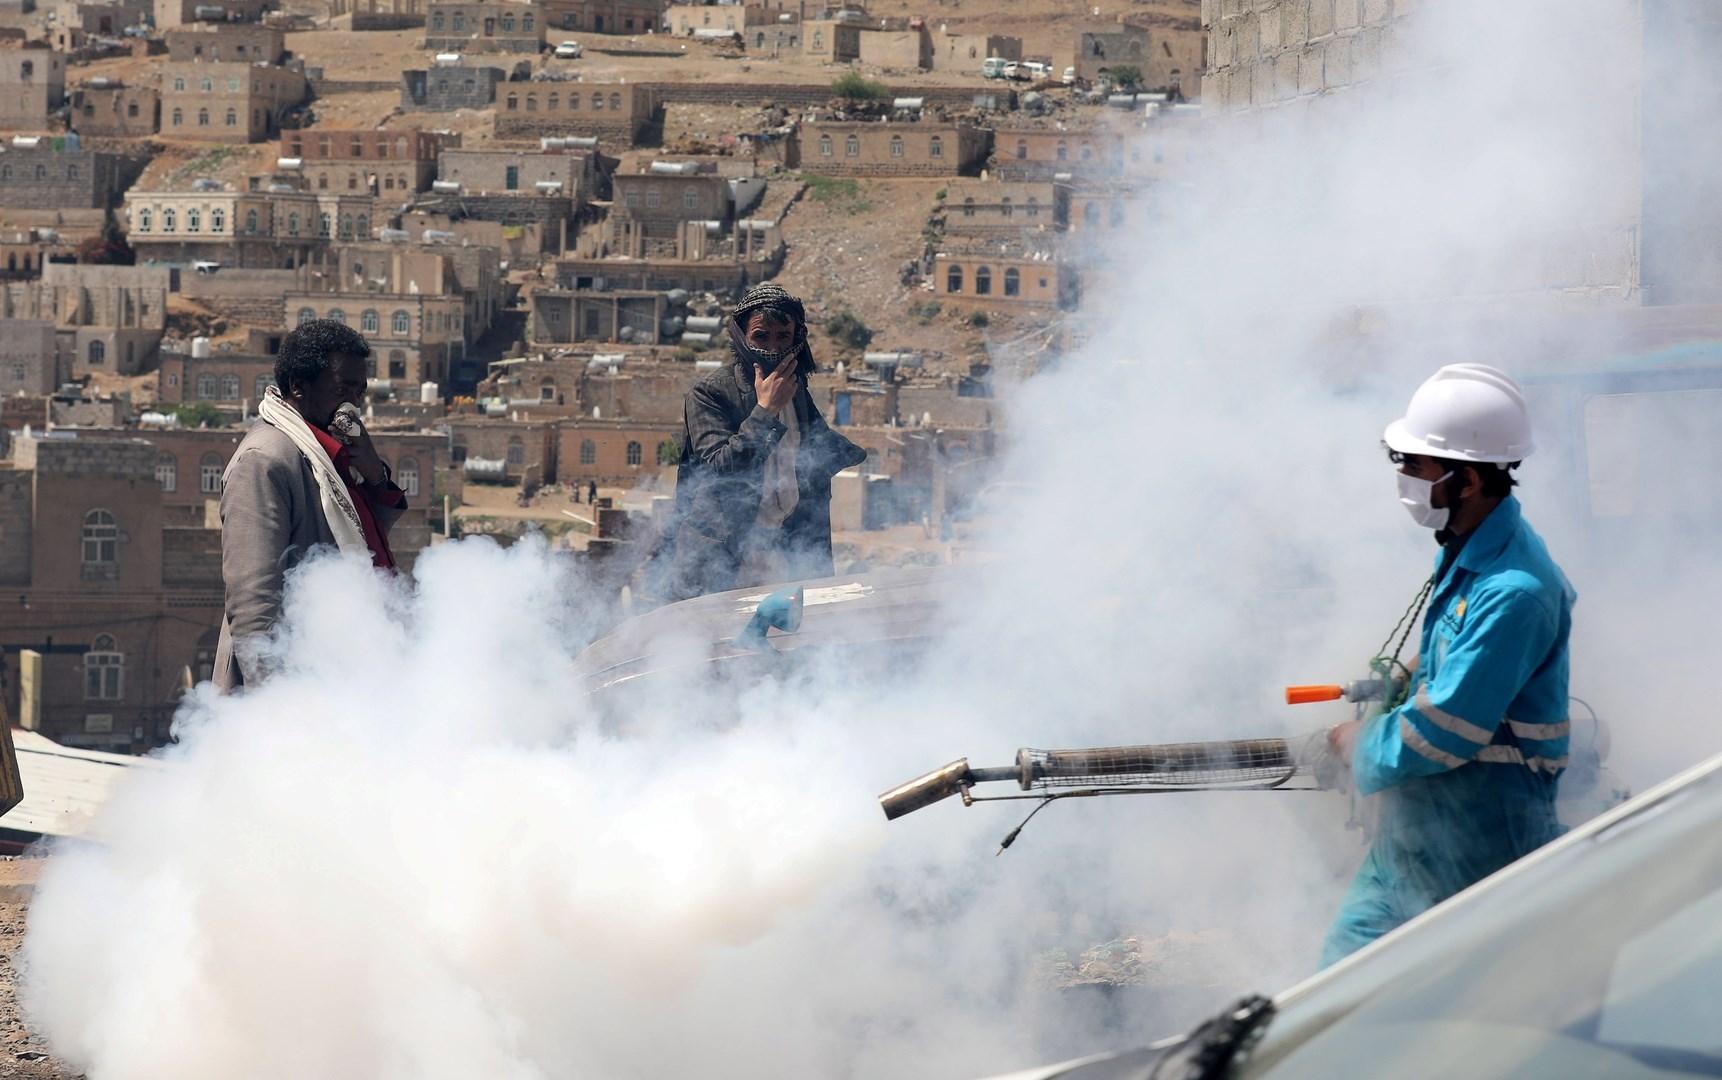 حكومة صنعاء: تقاعس أممي في تقديم العون لمواجهة كورونا